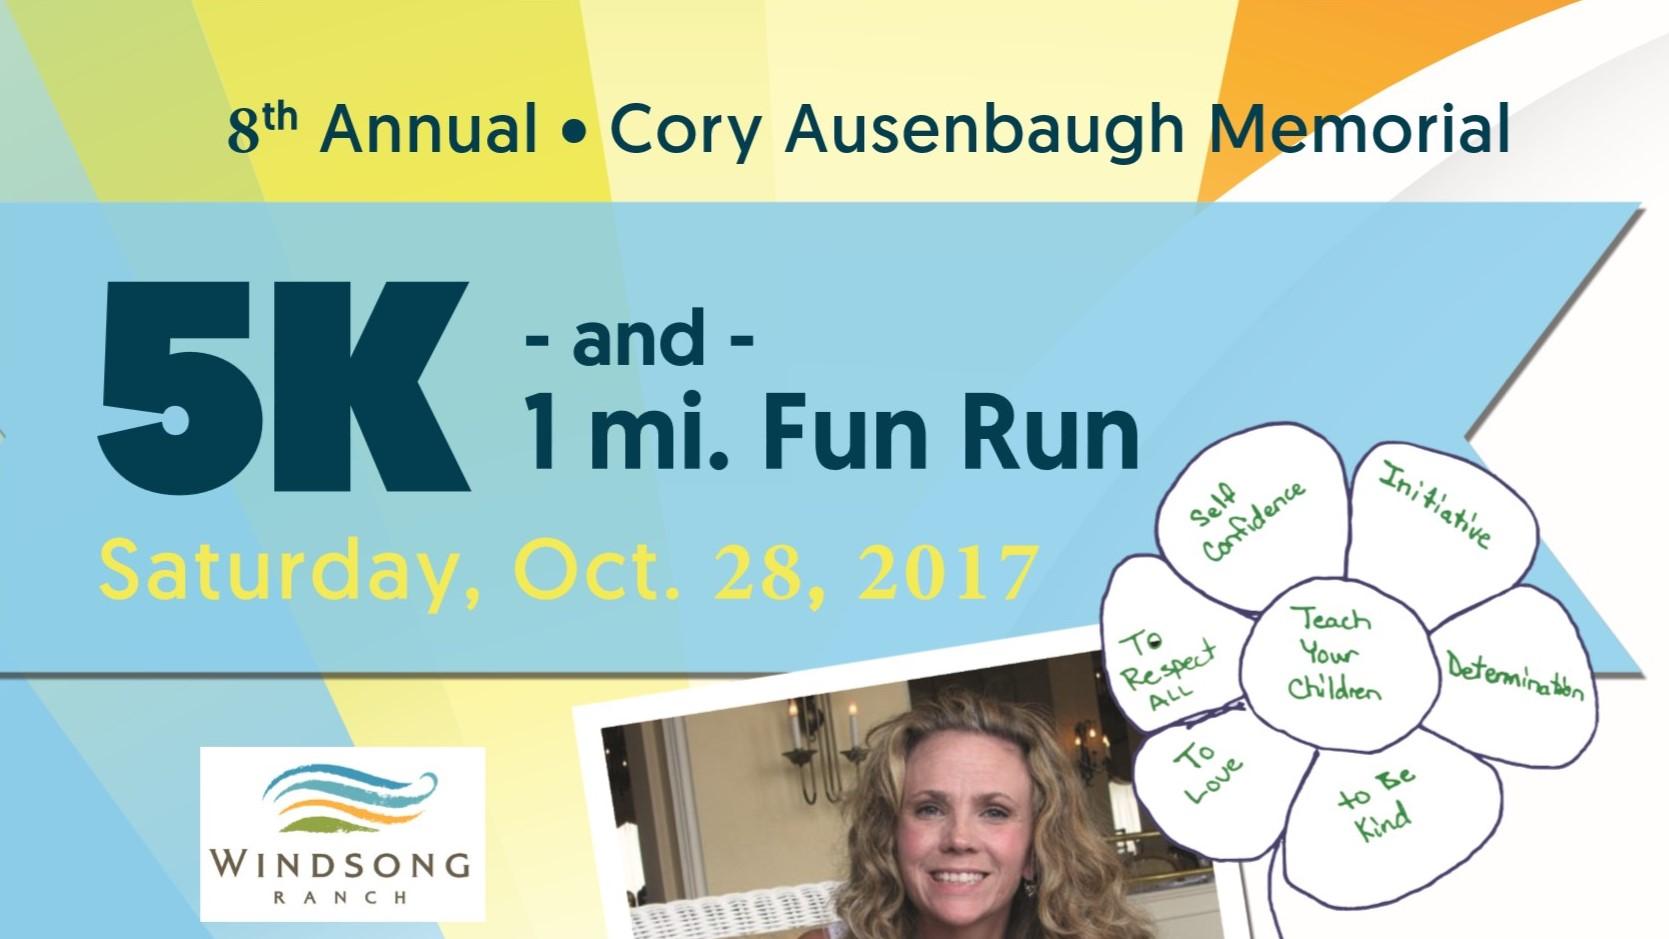 8th Annual Cory Ausenbaugh Memorial 5K and 1 Mile Fun Run